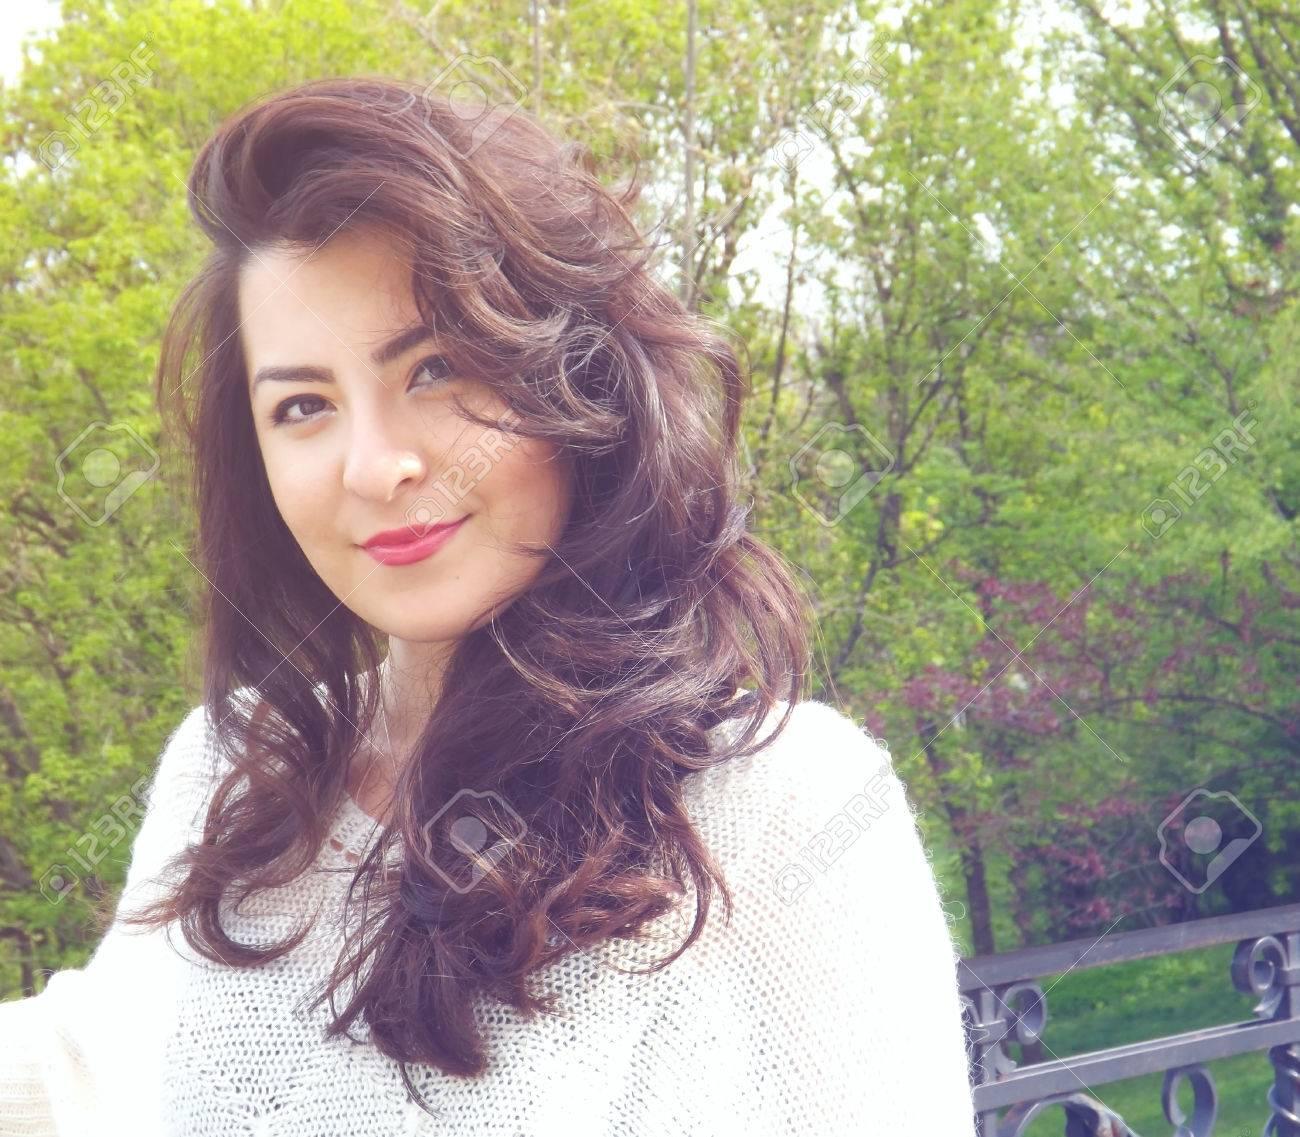 Frauen nackt türkische sexy Gefesselt: 34,572